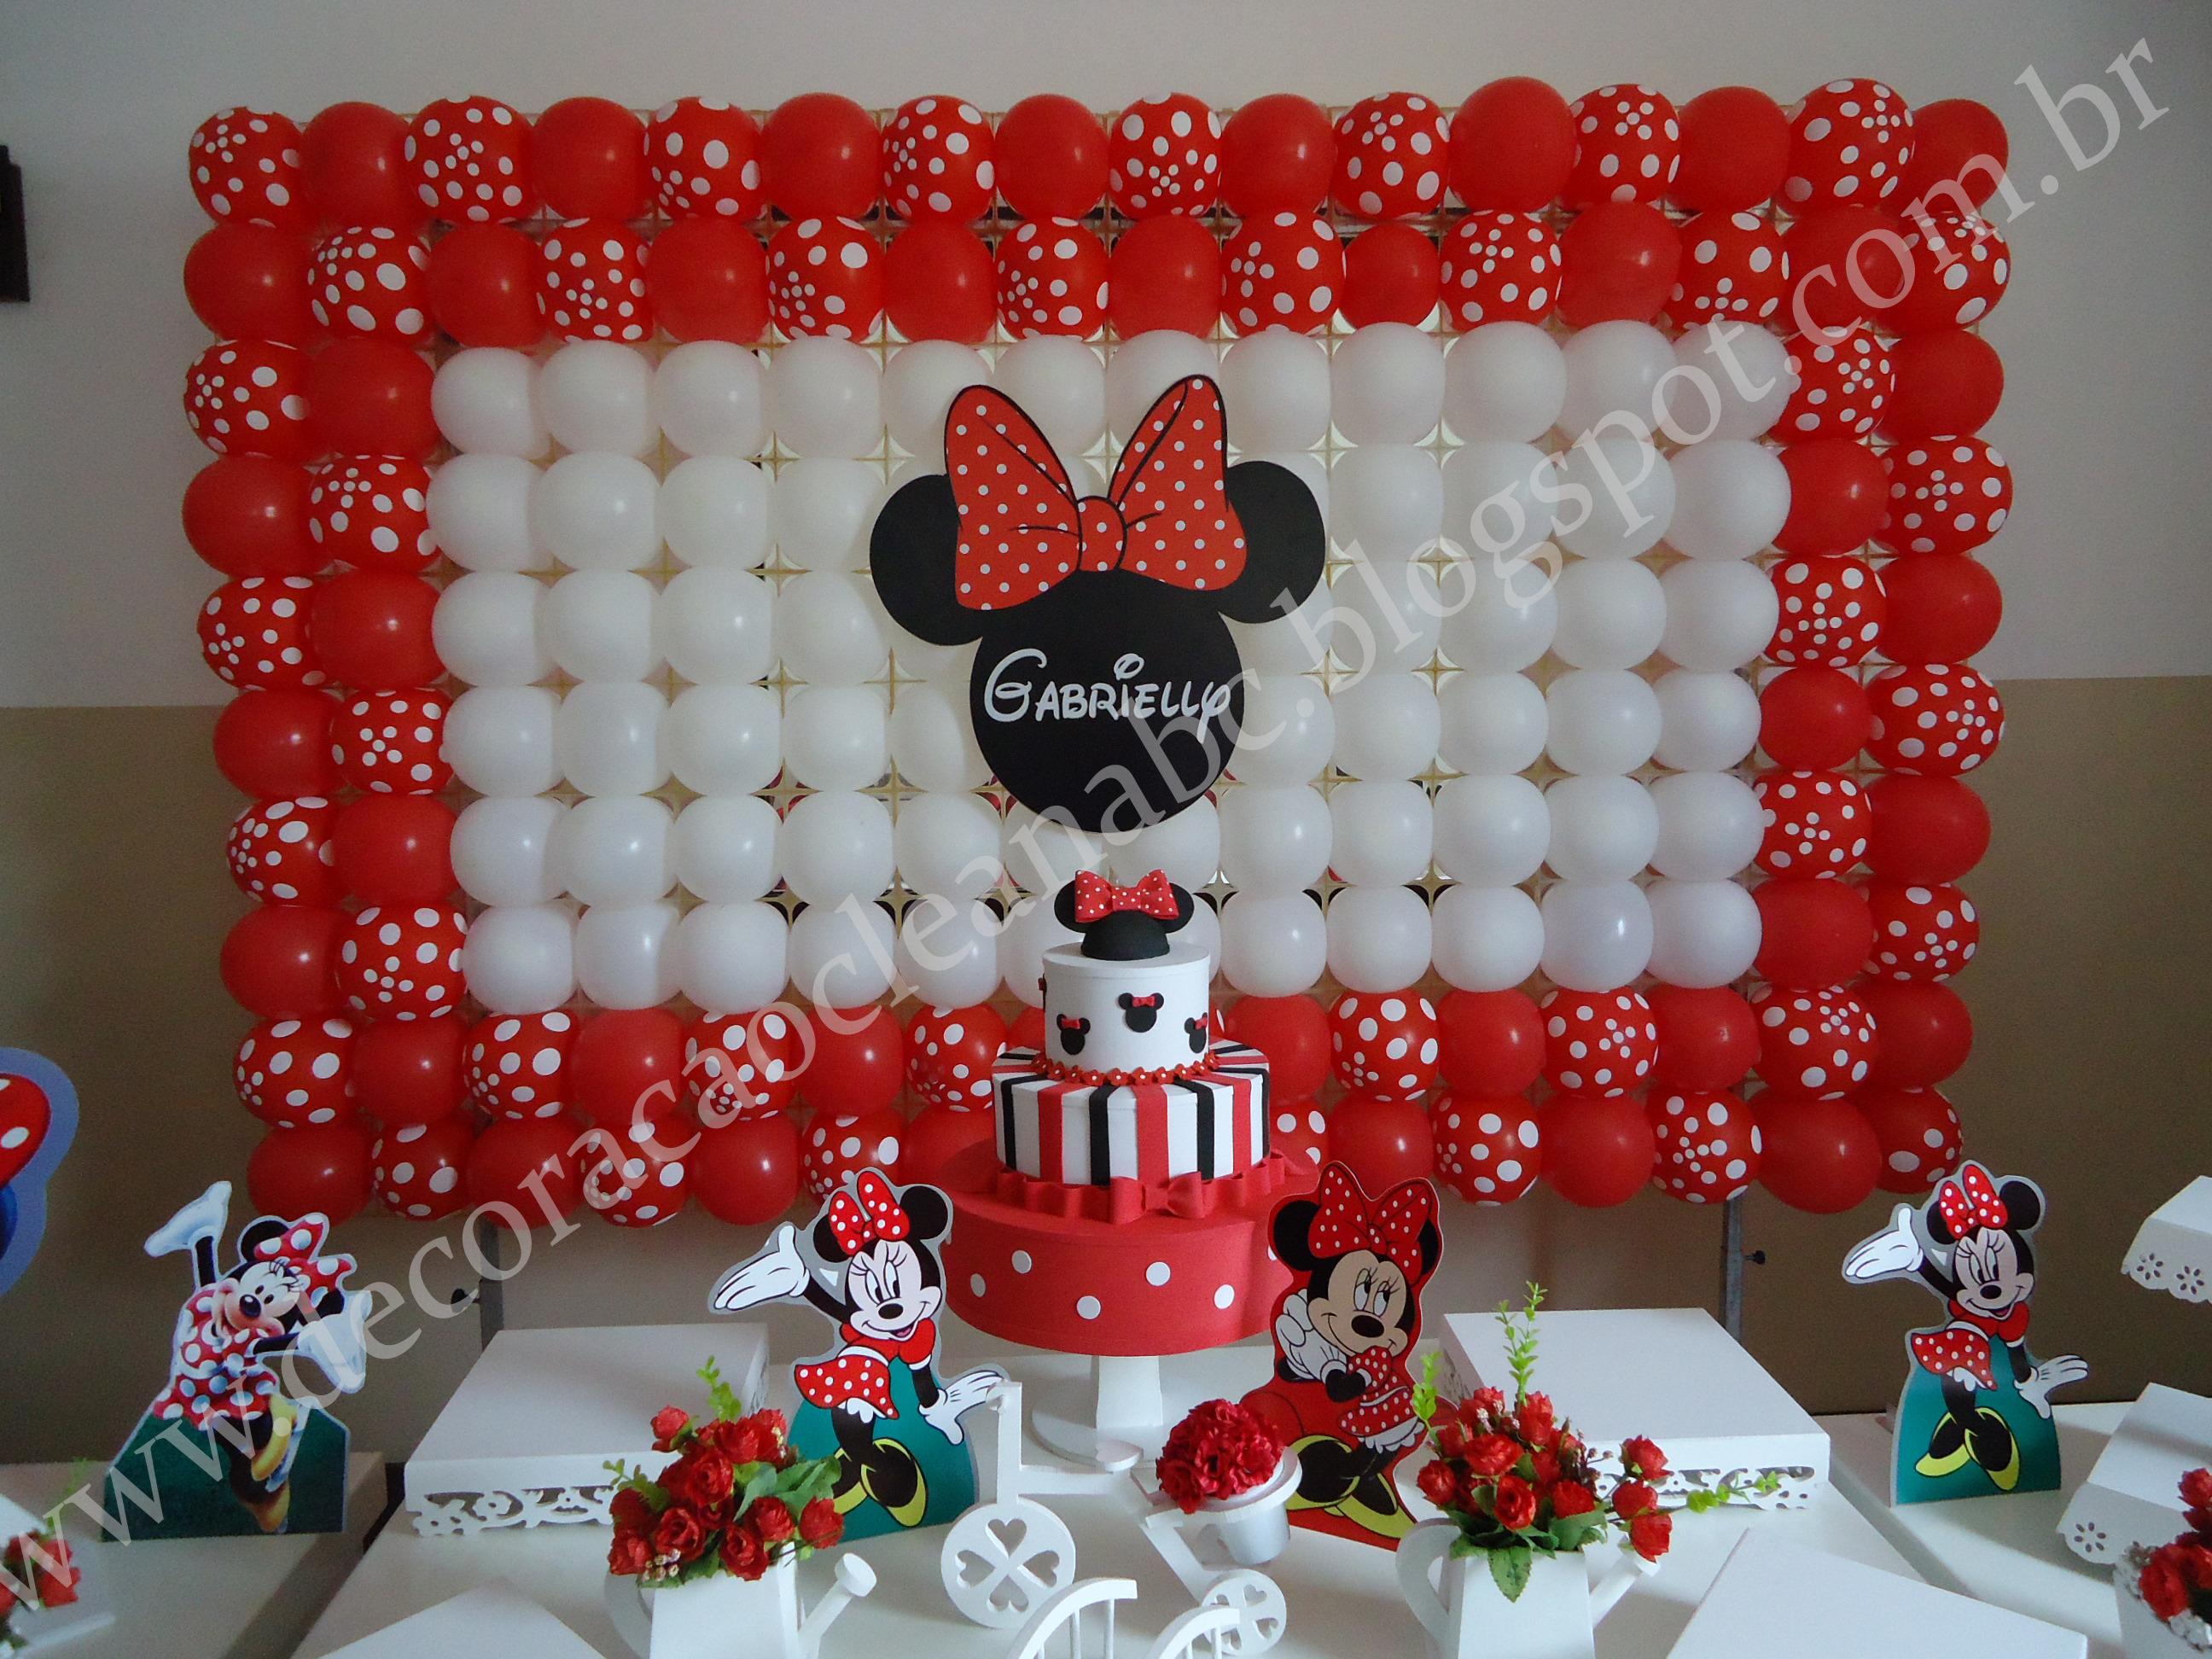 Decoração Clean Minnie Vermelha Decoração Clean Minnie Vermelha